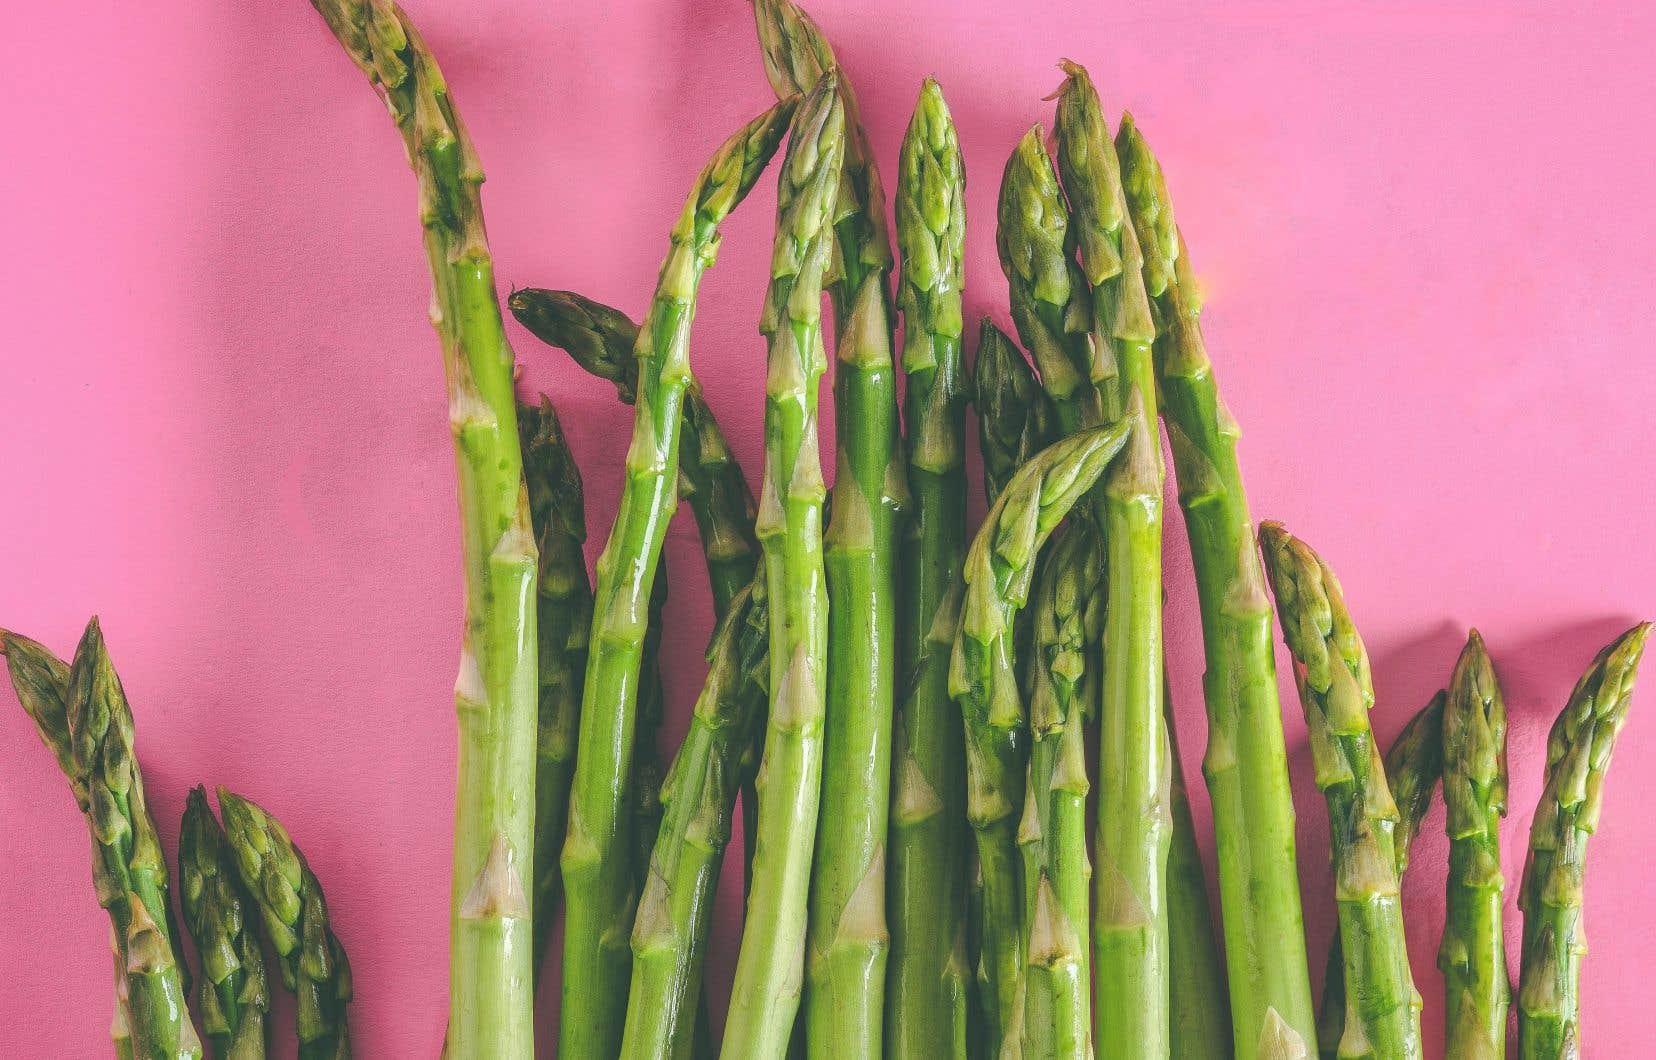 Blanches, vertes ou violettes, l'asperge pousse très facilement au Québec.